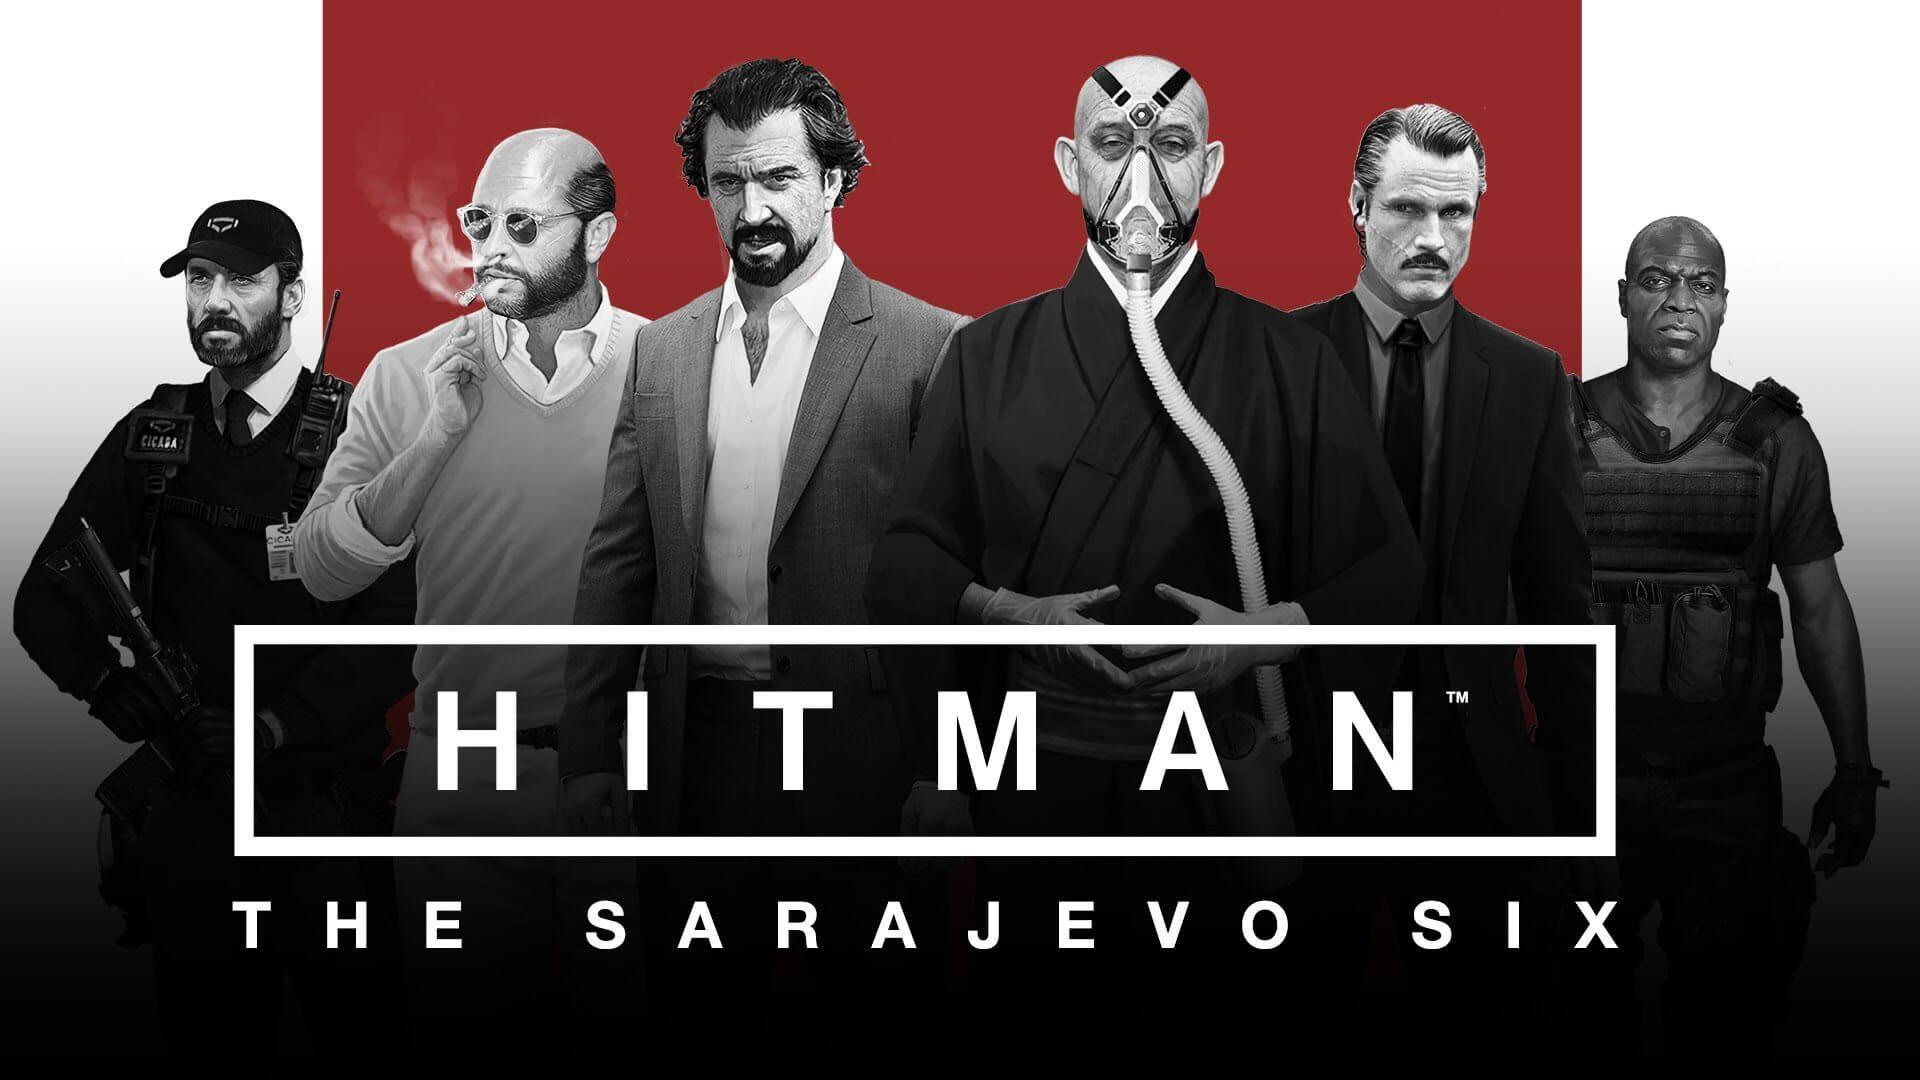 Hitman the saravejo six